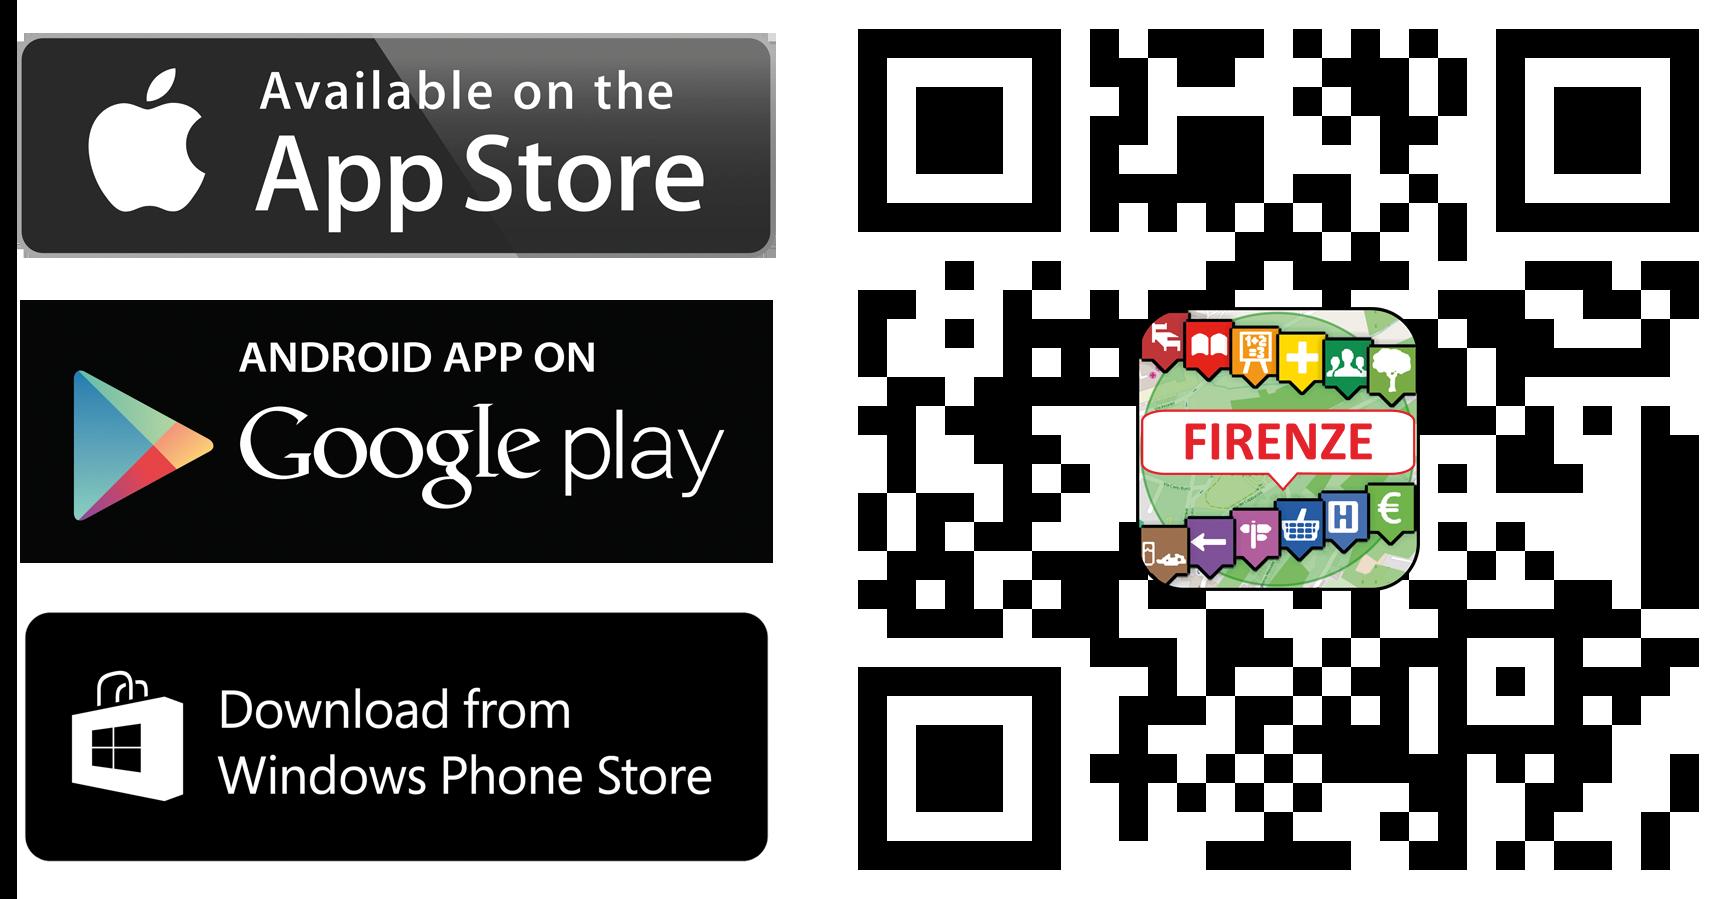 QRCode app store FIRENZE